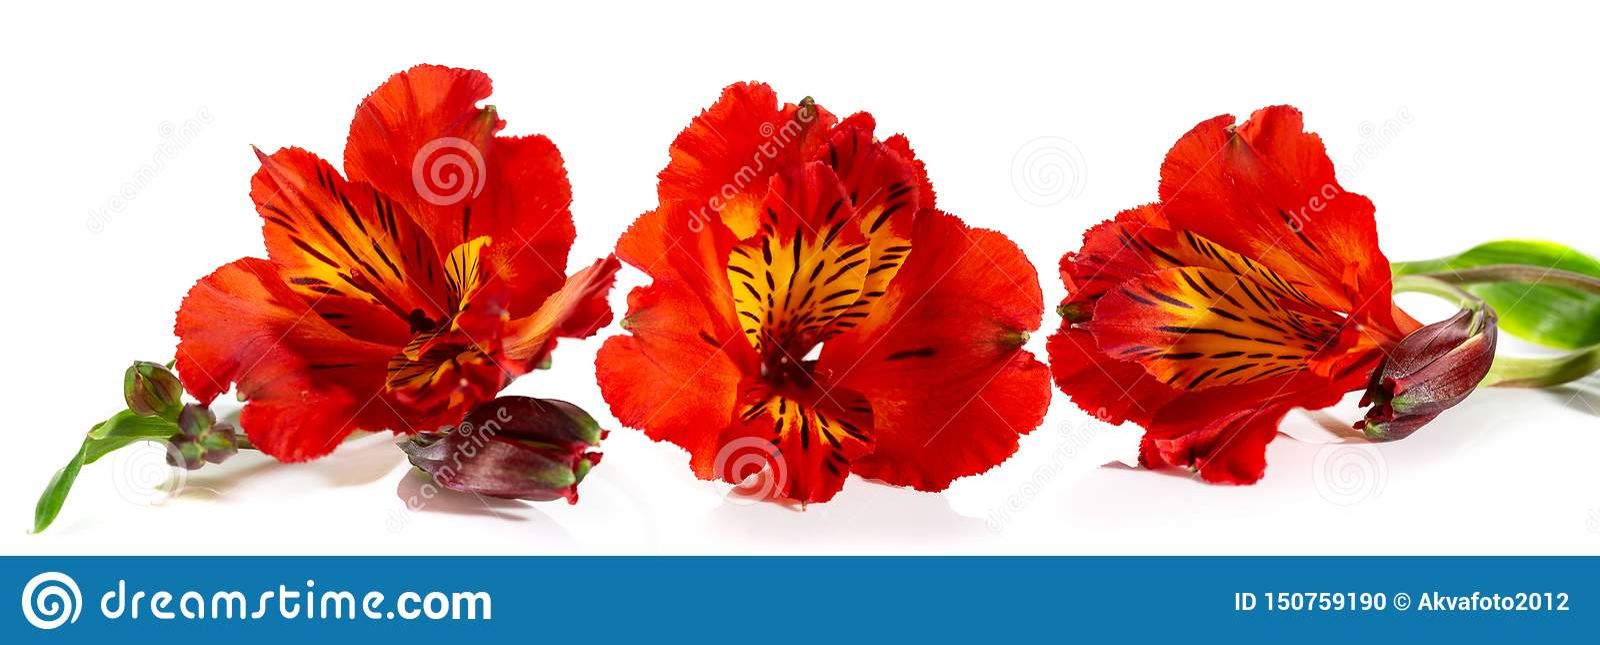 德国锥脚形酒杯美丽的红色花在白色背景的